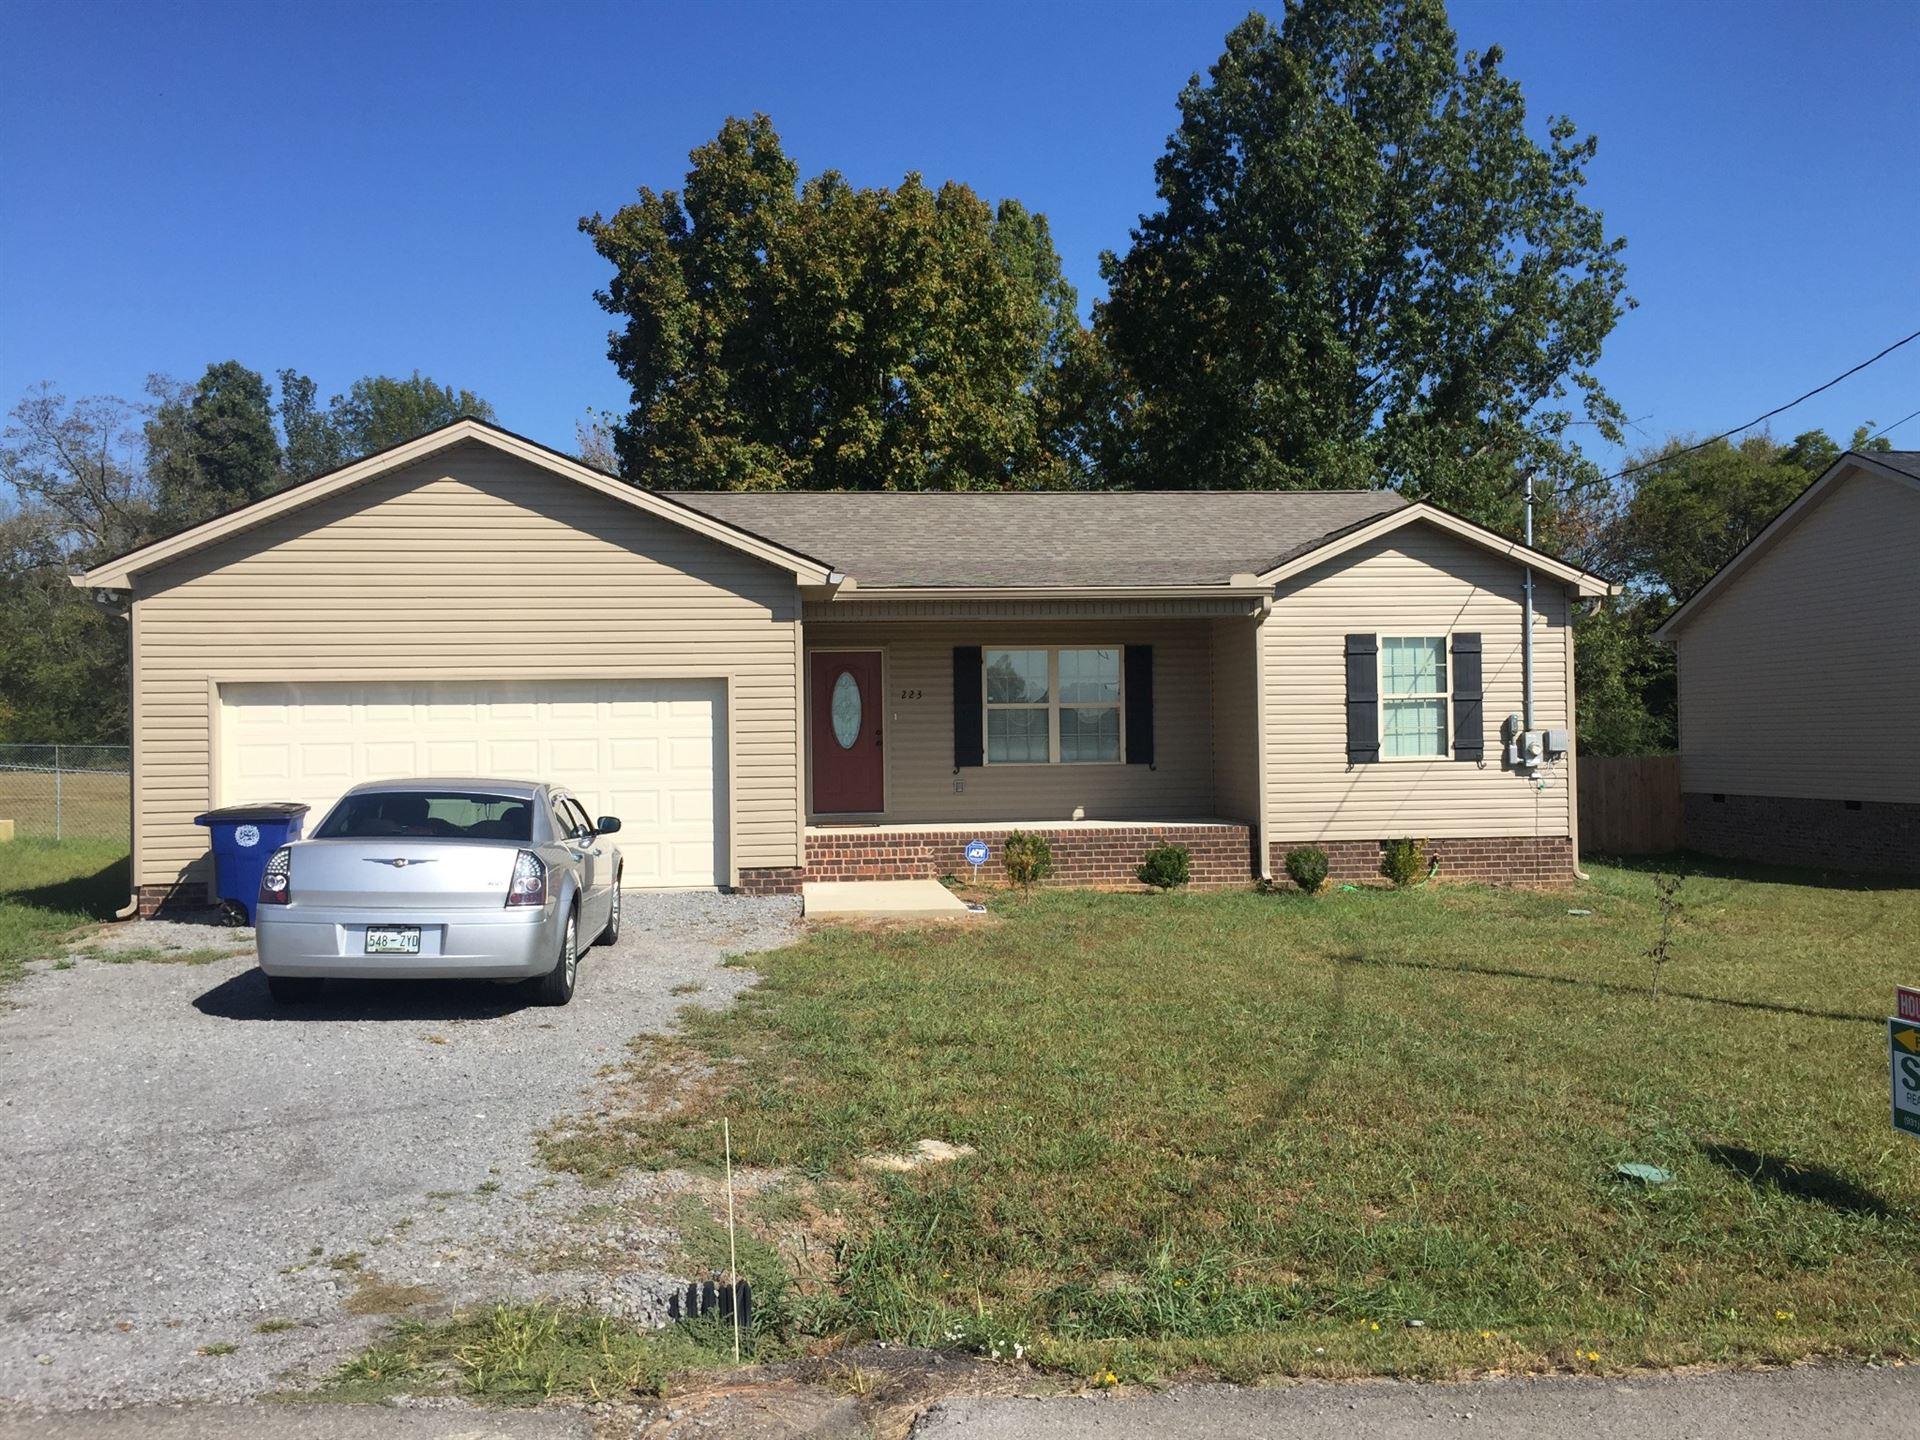 223 Eagle Blvd, Shelbyville, TN 37160 - MLS#: 2195998